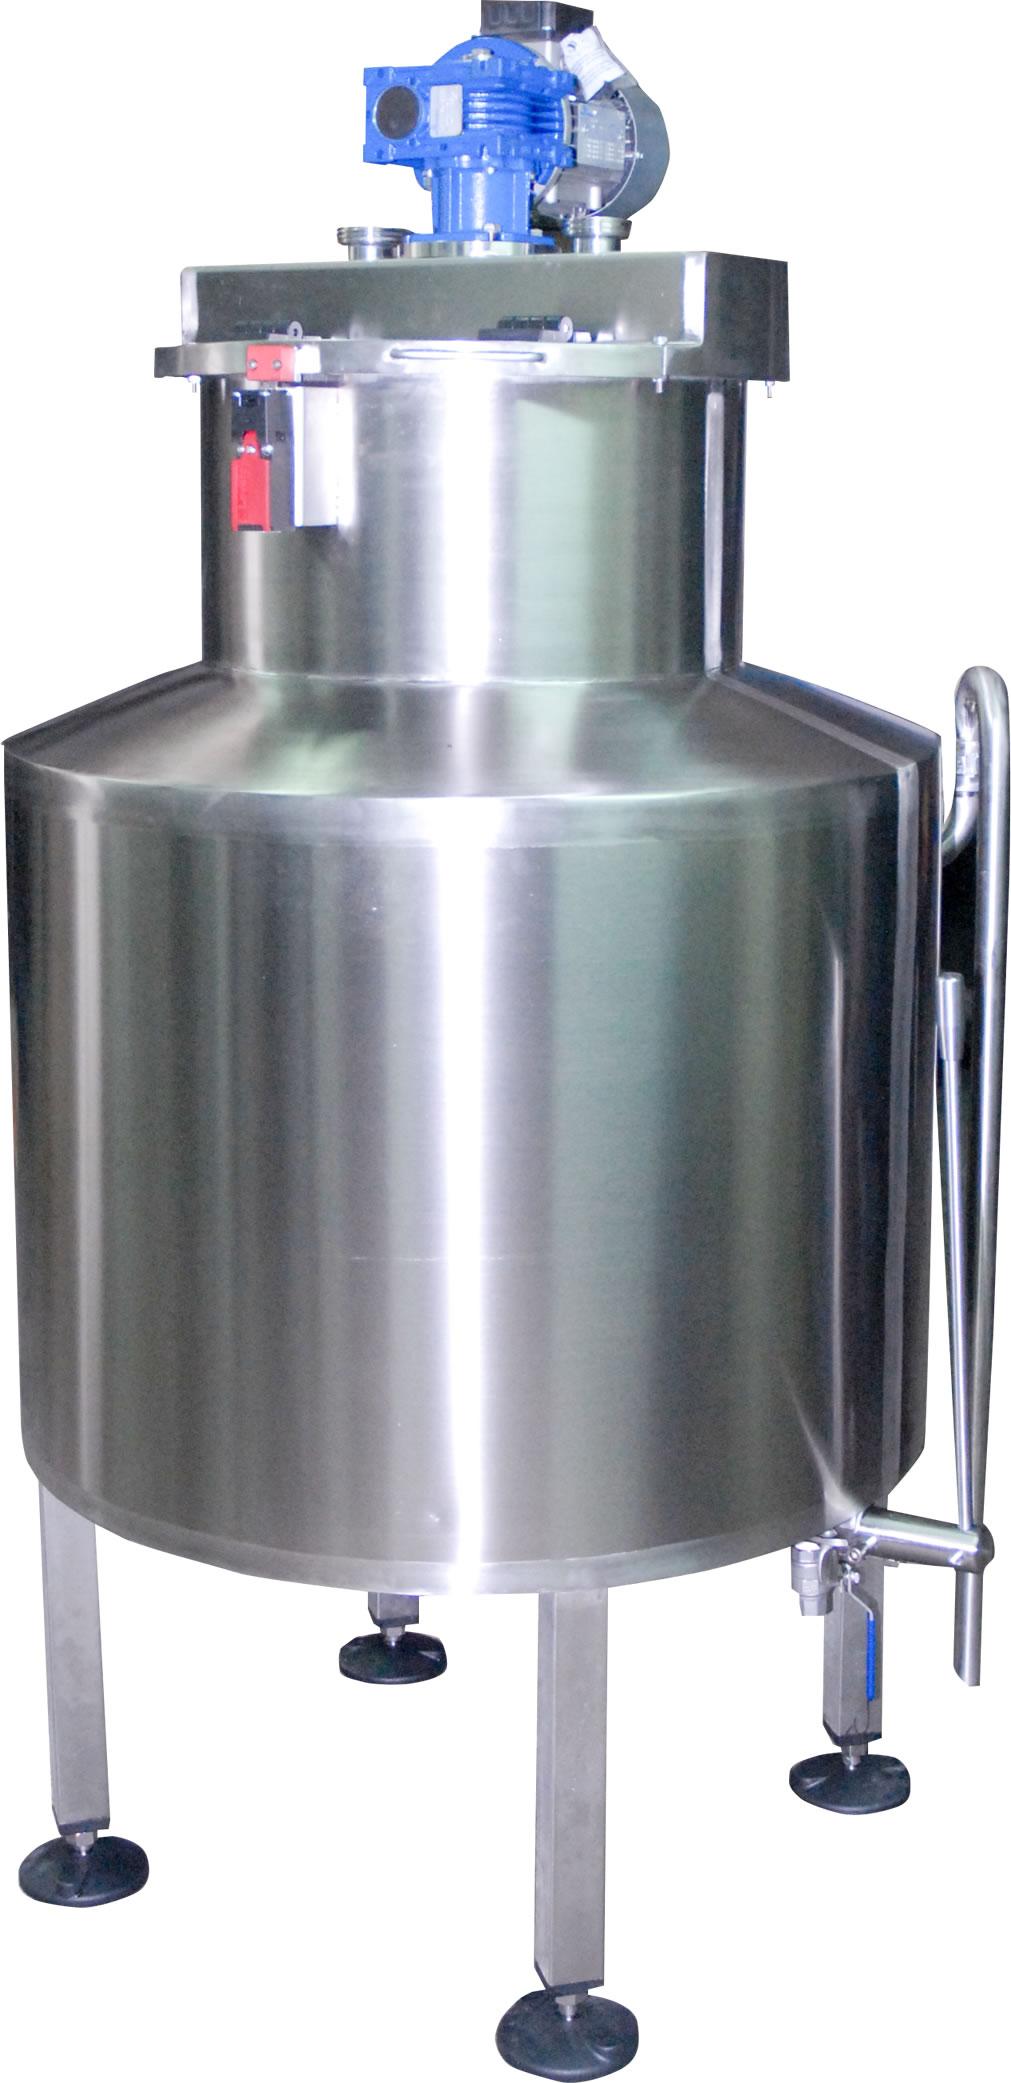 Bacinella di cottura con bruciatore a gas da 50 litri